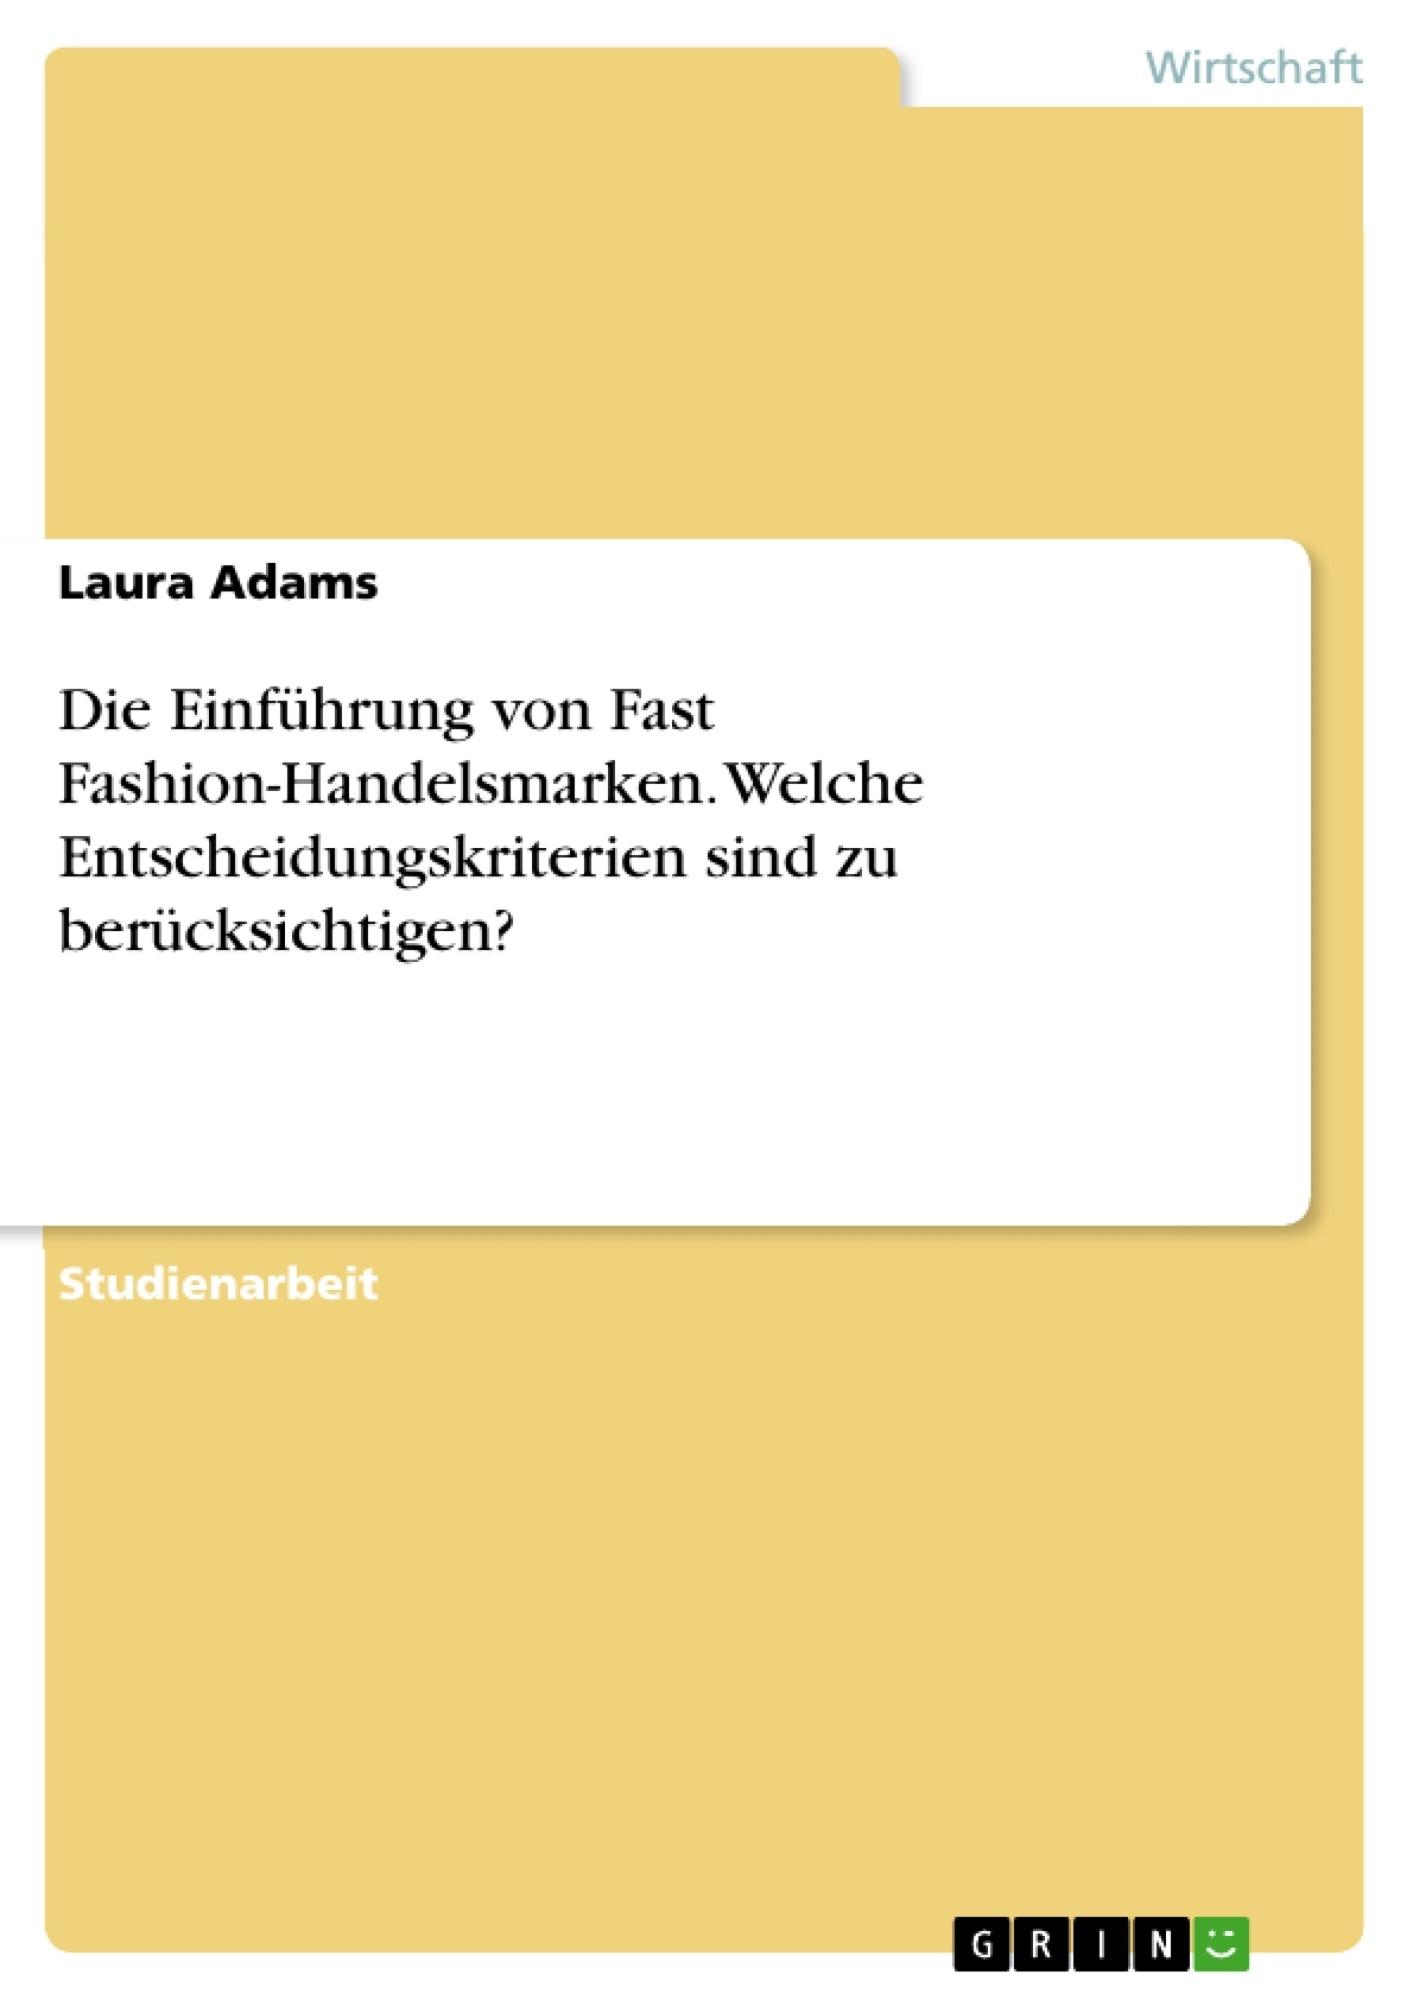 Titel: Die Einführung von Fast Fashion-Handelsmarken. Welche Entscheidungskriterien sind zu berücksichtigen?